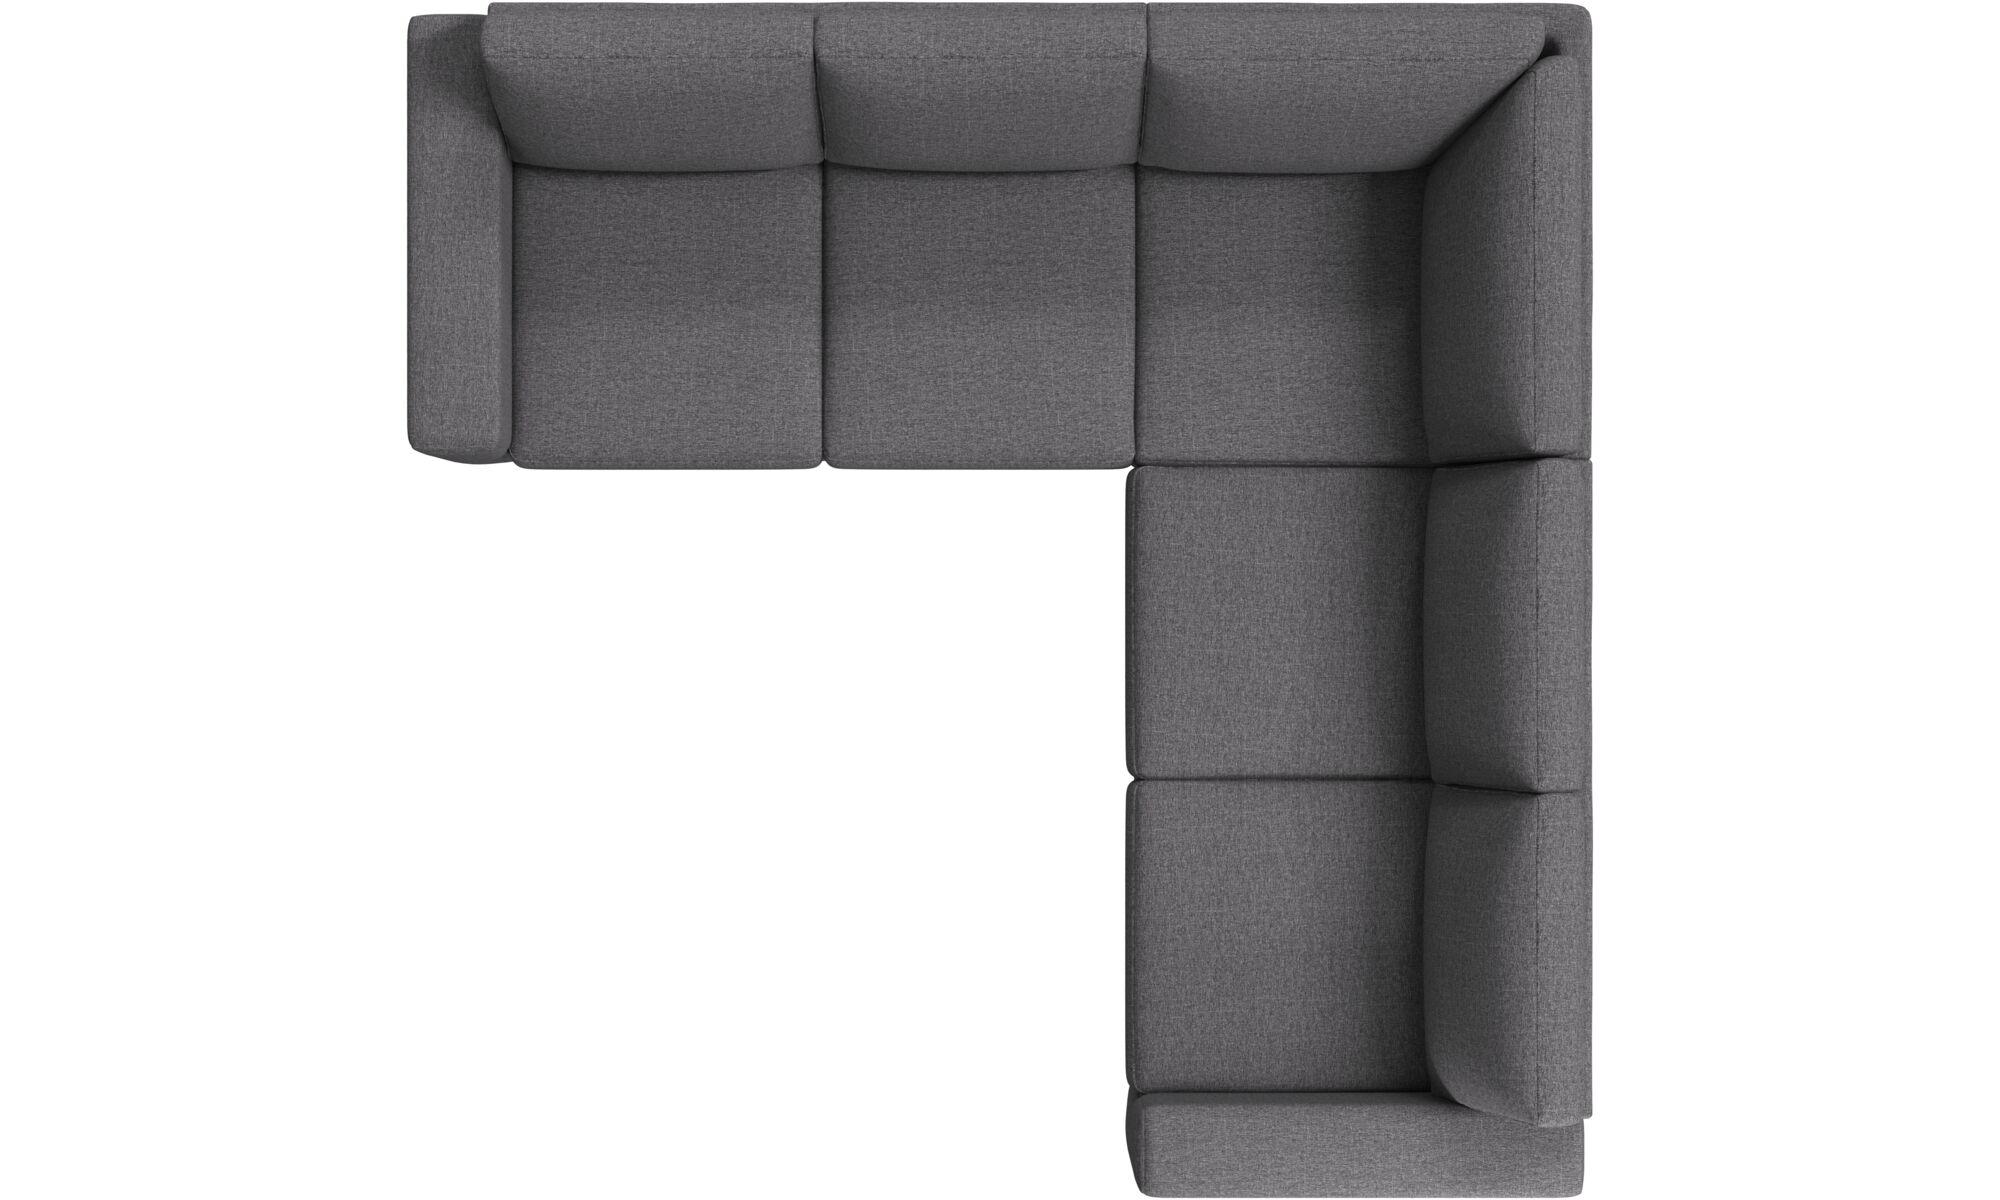 Changer La Couleur D Un Canapé En Cuir canapé d'angle indivi